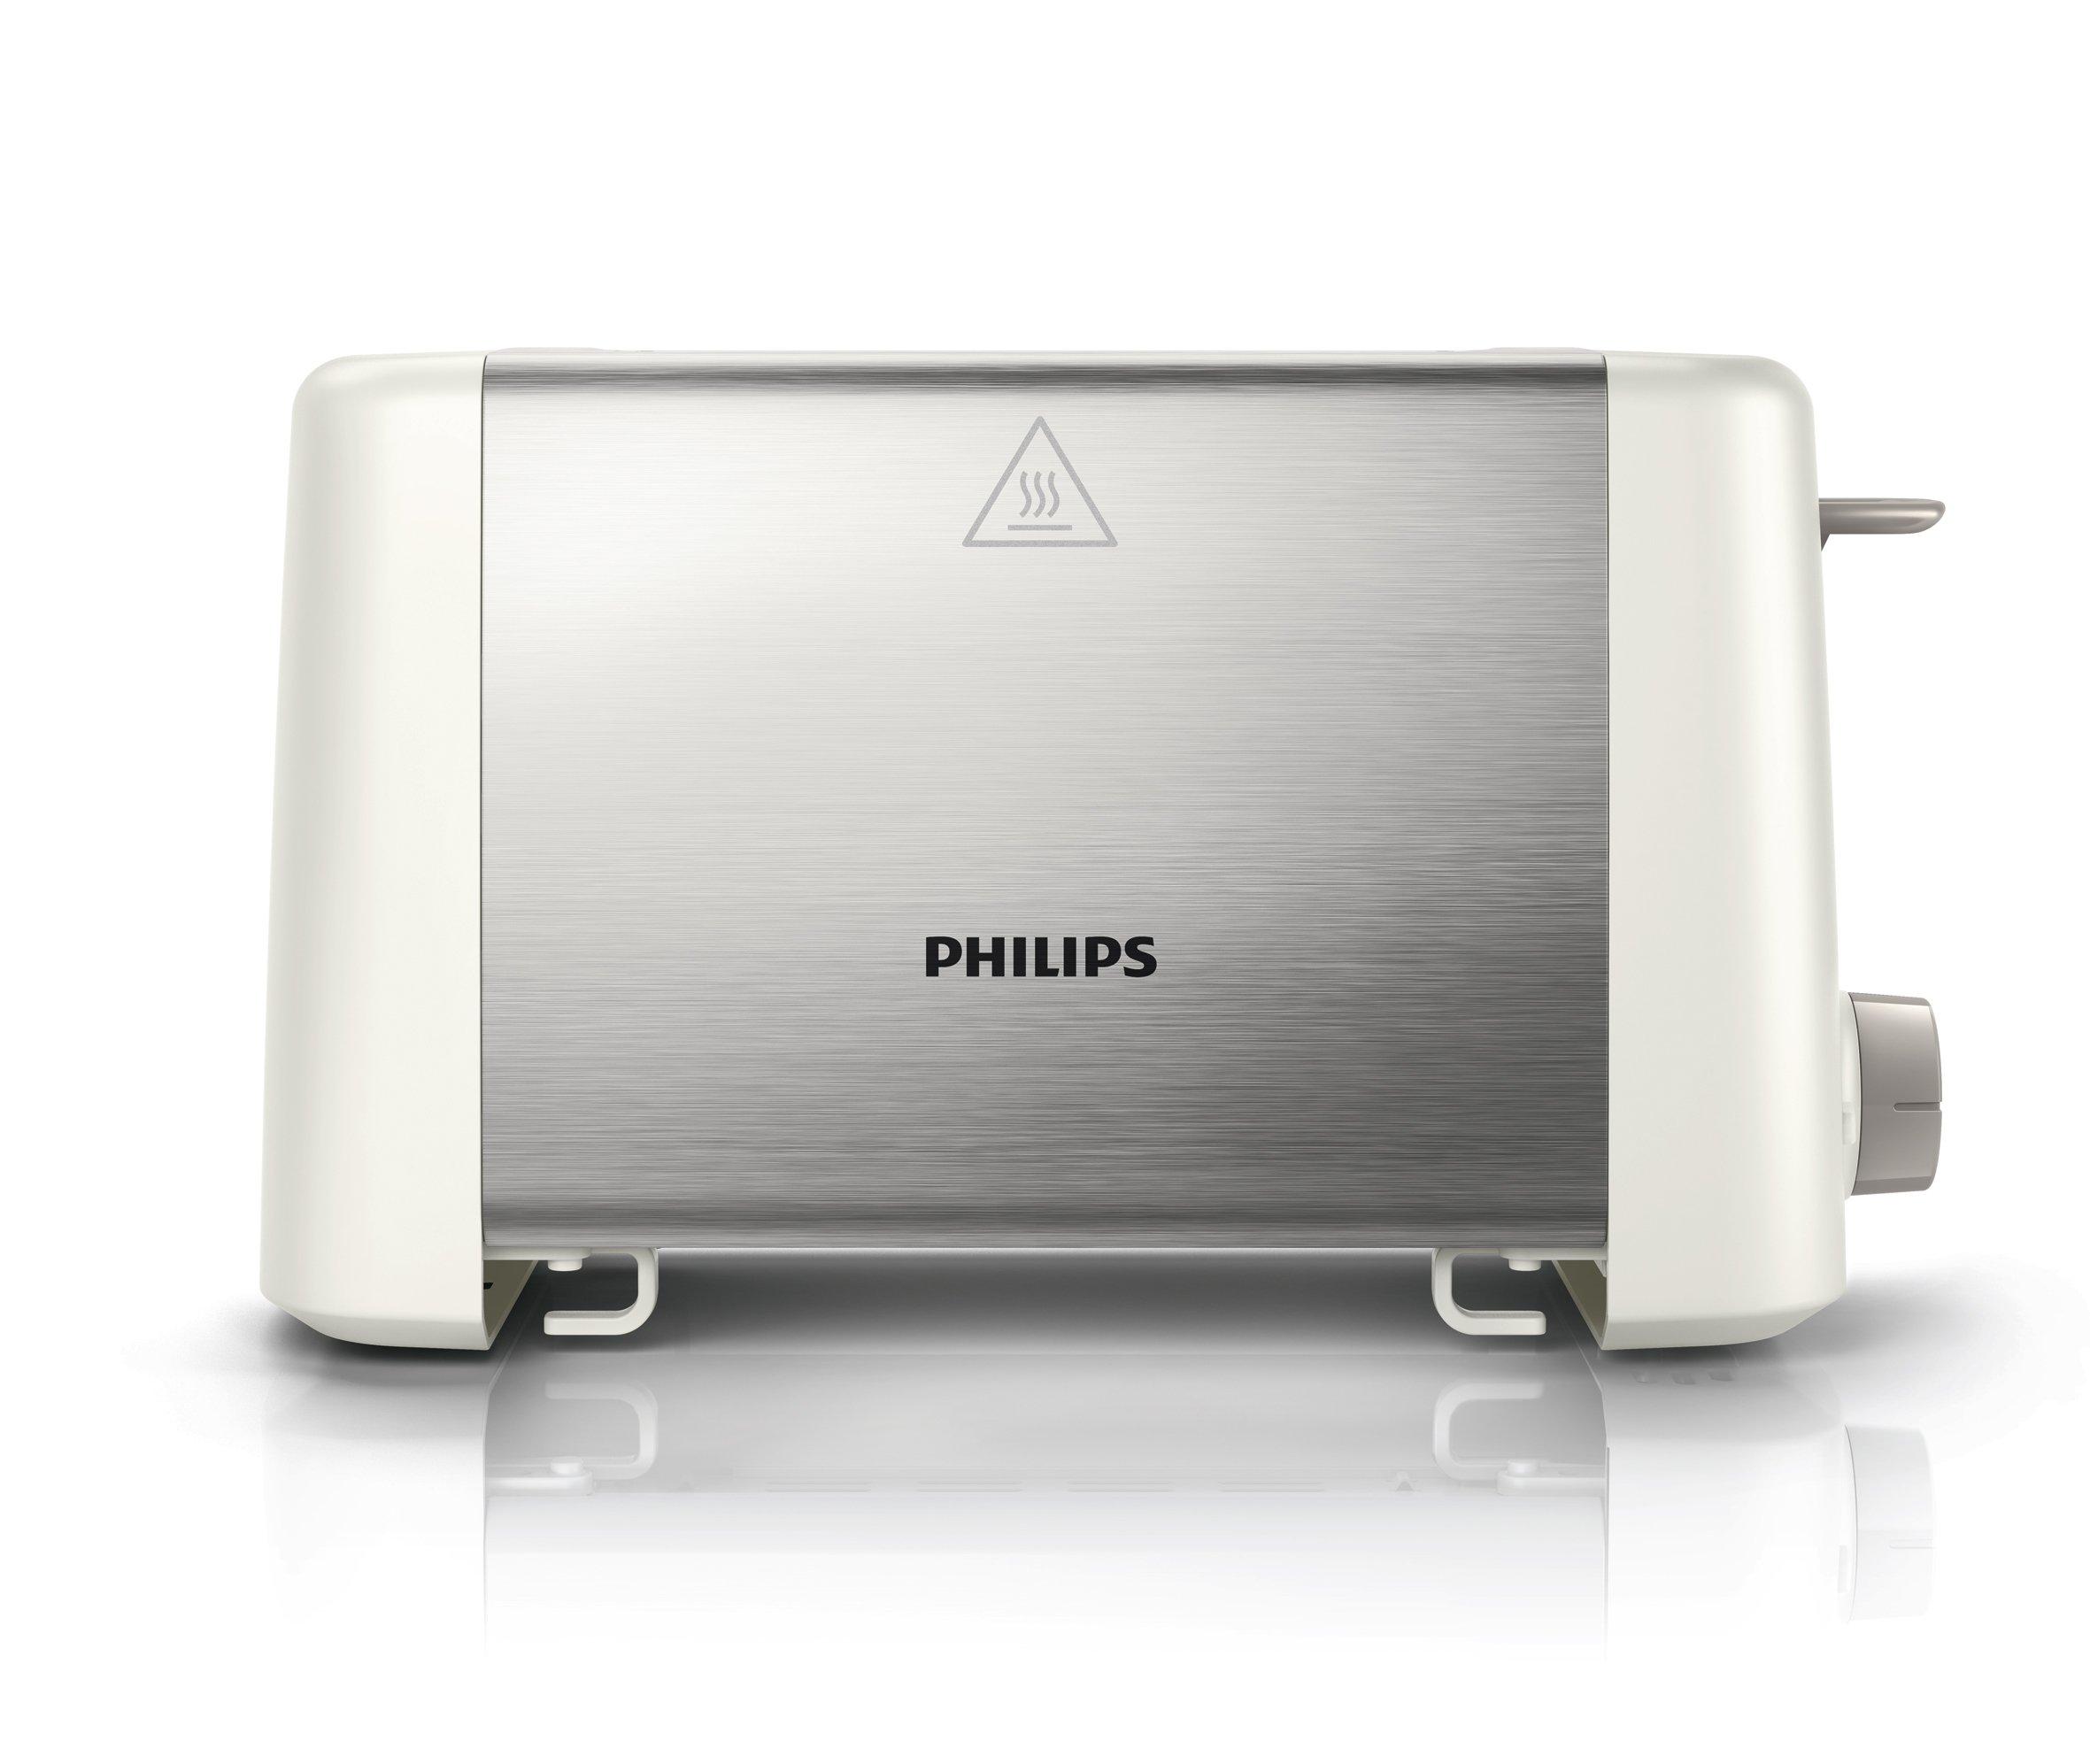 Philips-HD482590-Daily-Collection-2-Schlitztoaster-aus-Edelstahl